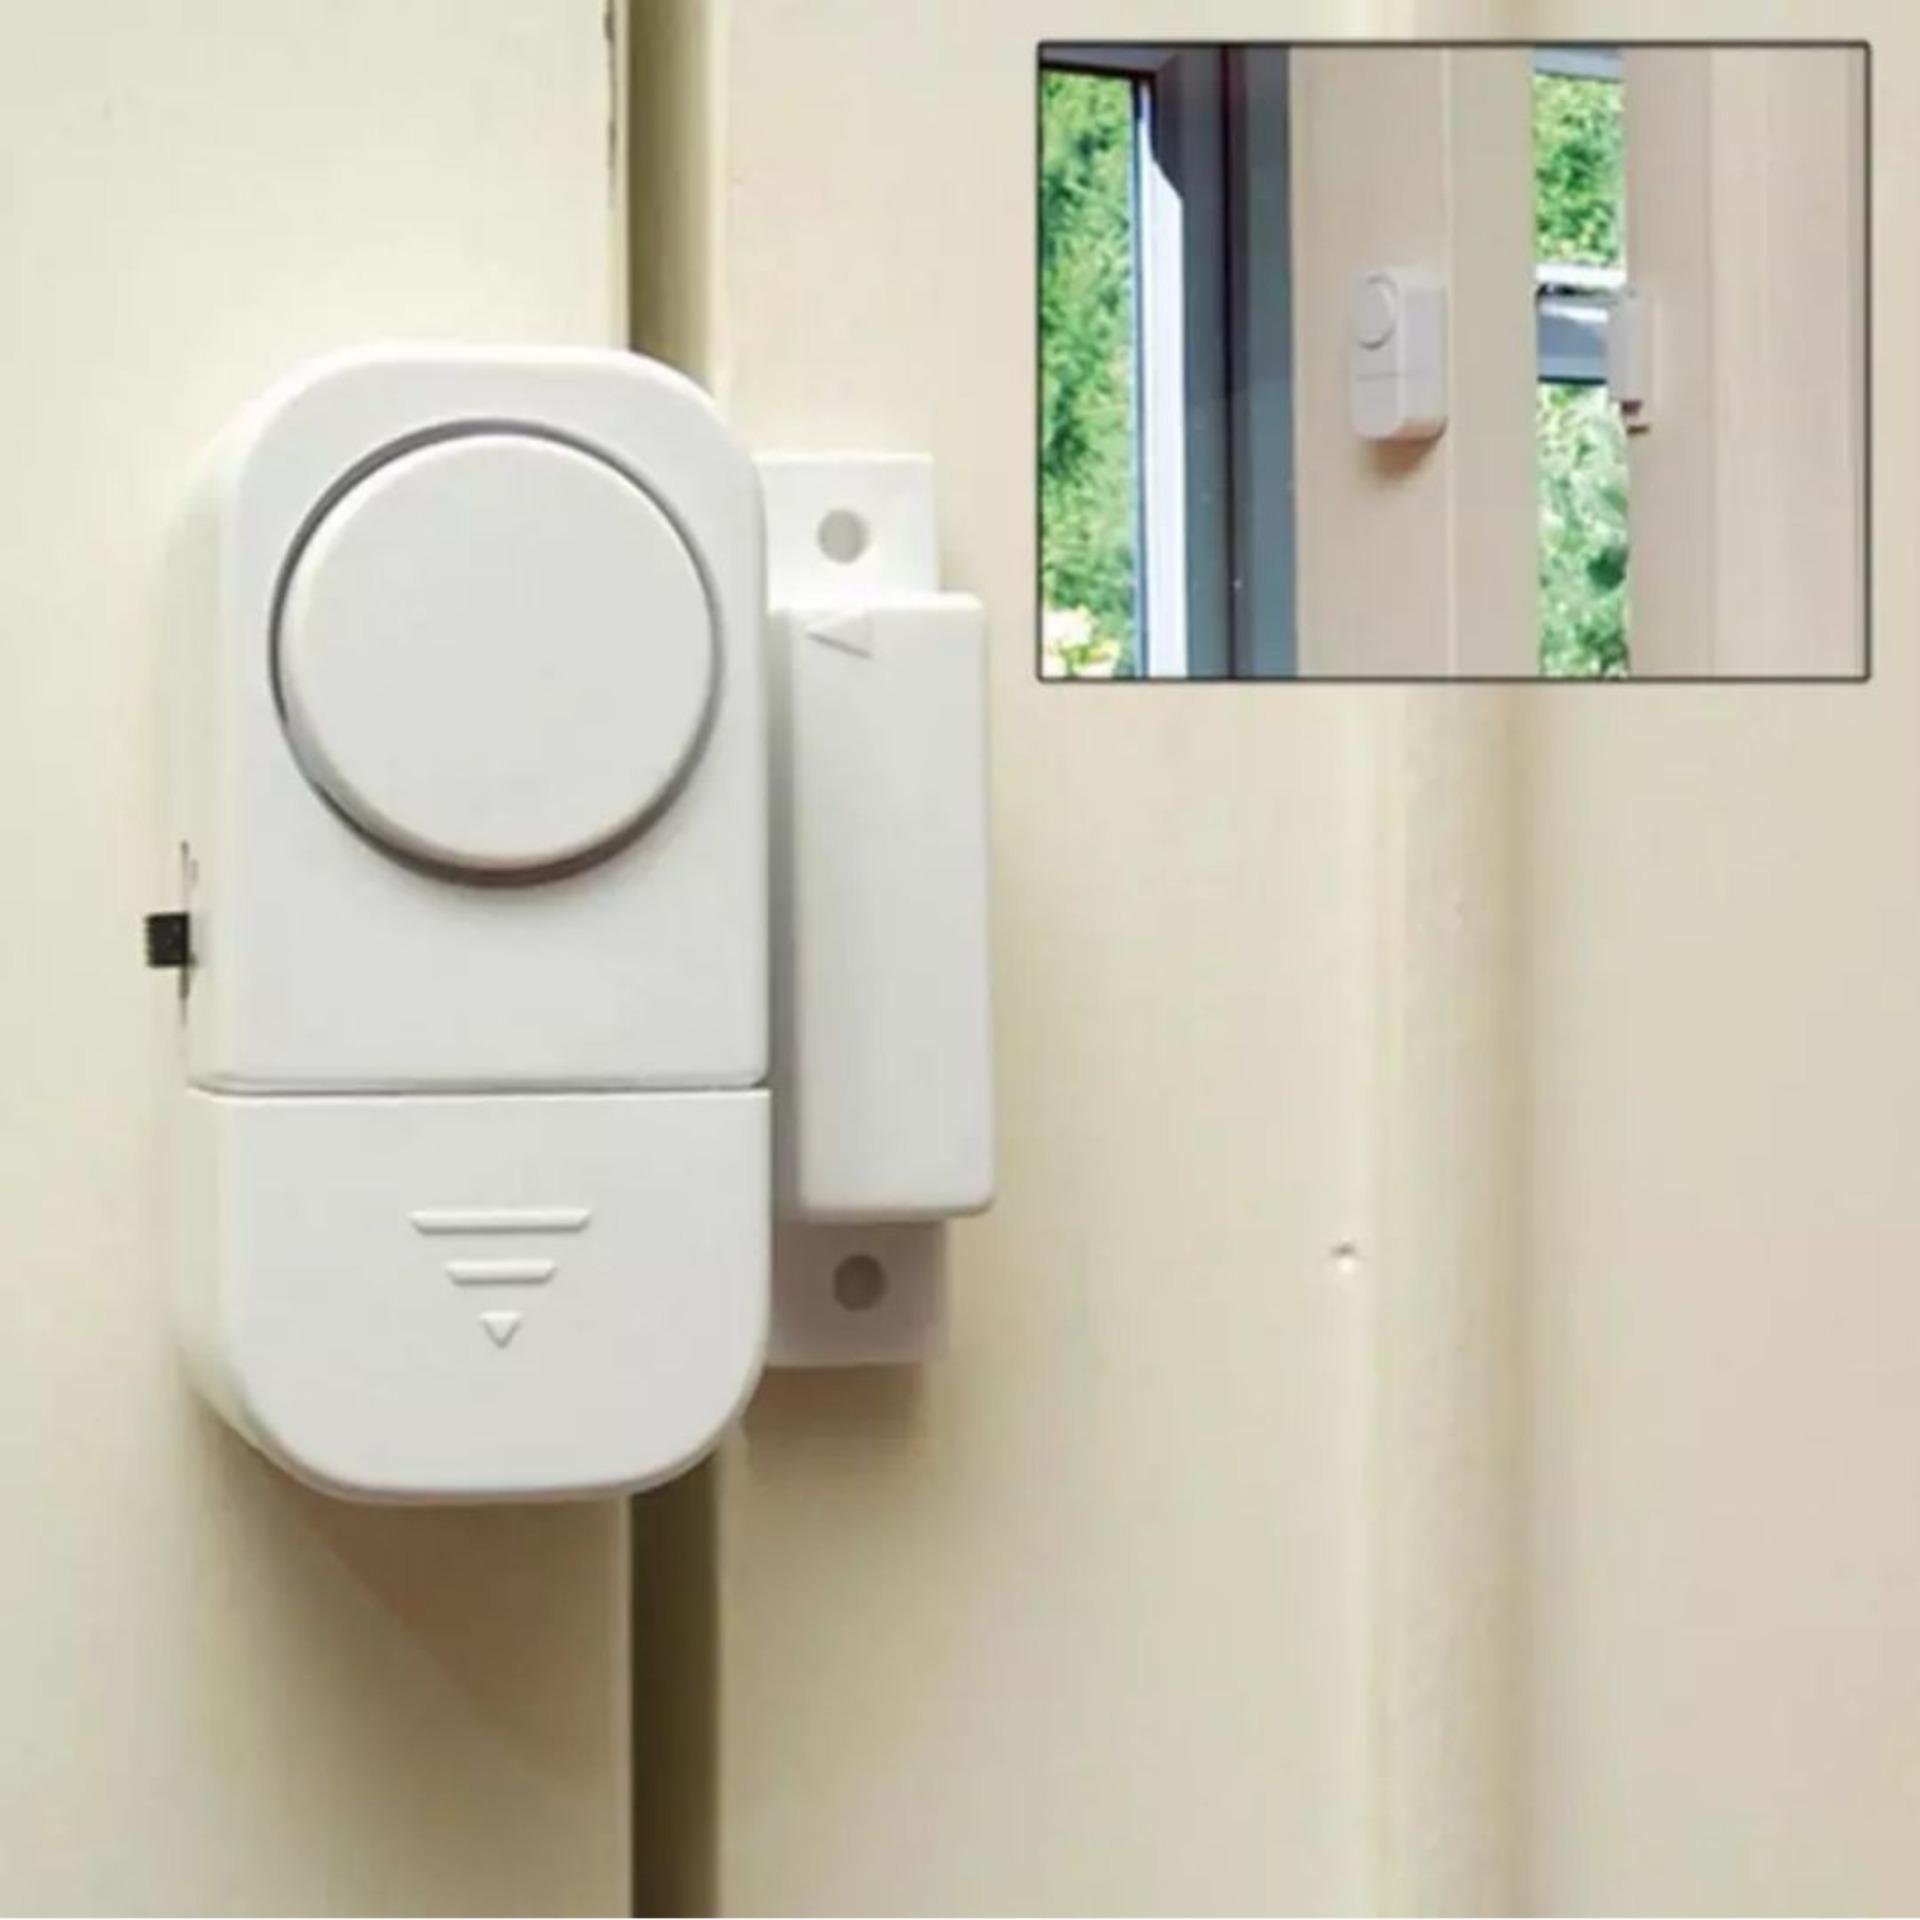 Alarm Anti Maling Pencuri Jendela Kaca Pintu Rumah Keamanan - 5 .